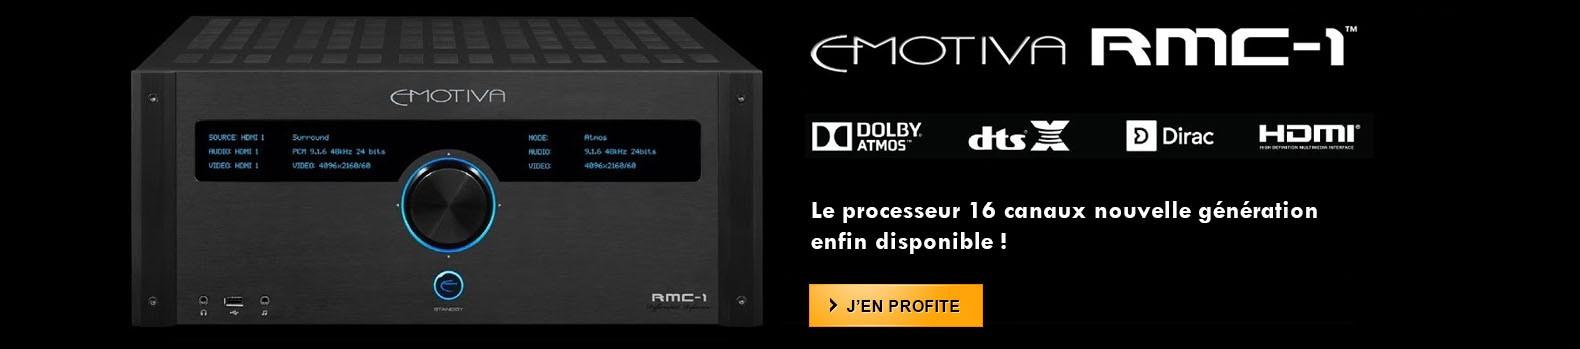 Le nouveau préampli Home Cinéma 16 canaux Emotiva RMC-1 est arrivé !